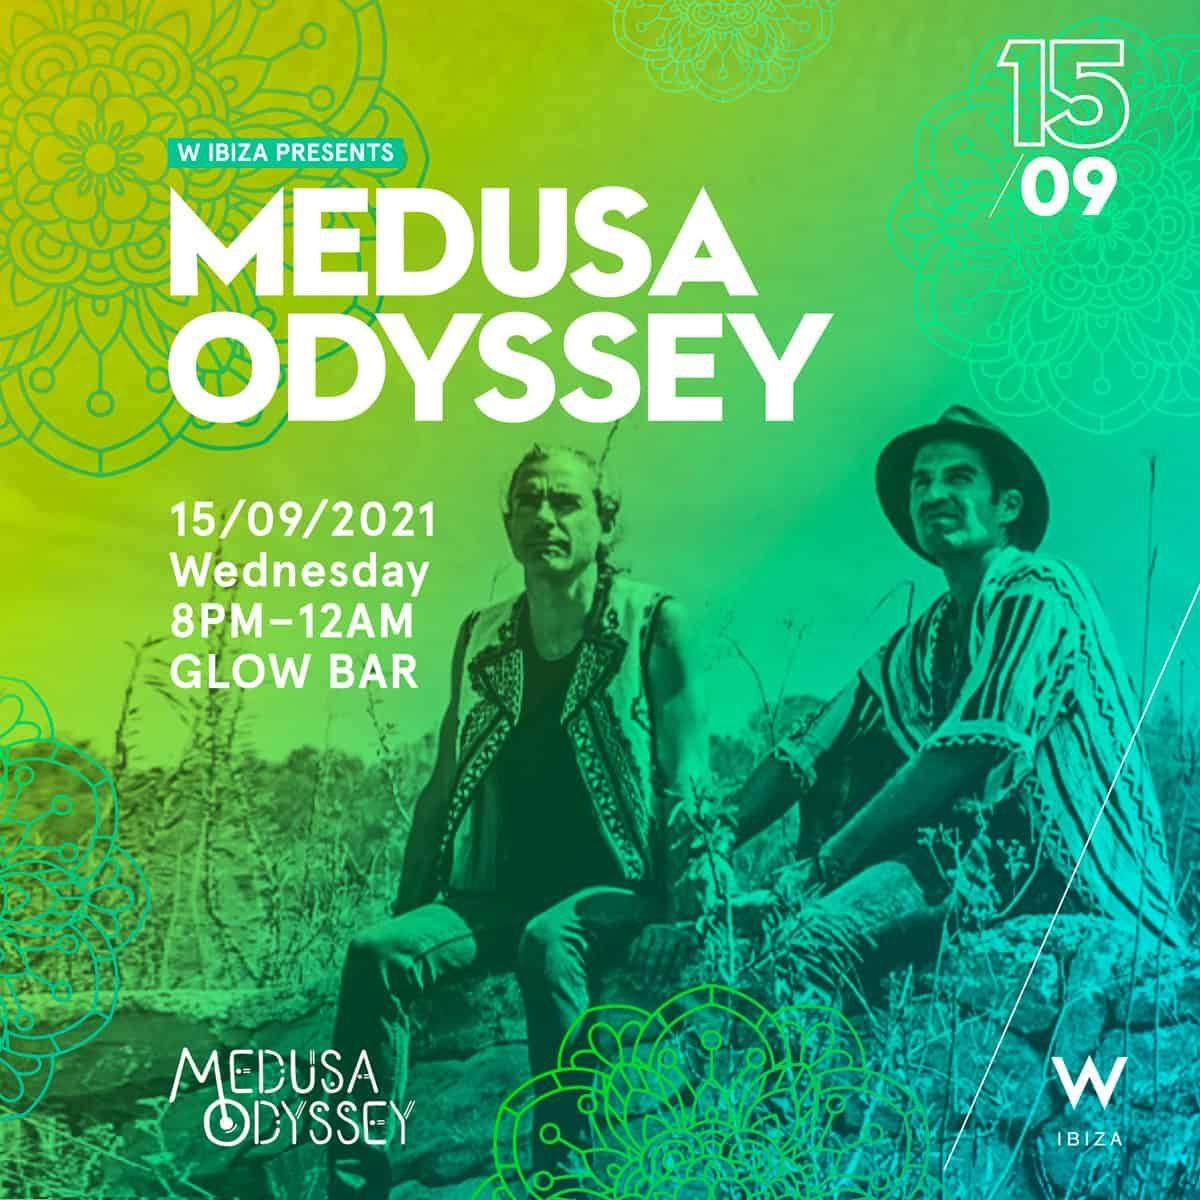 medusa-odyssey-glow-bar-w-ibiza-2021-welcometoibiza